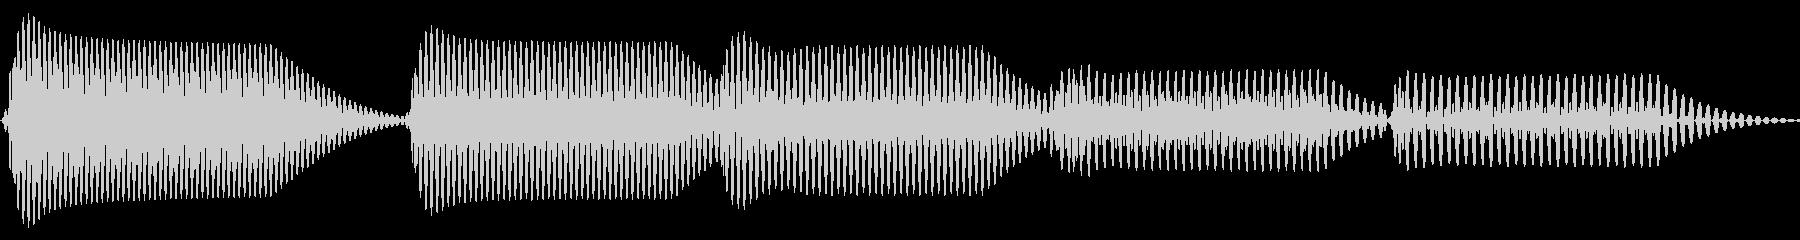 往年のRPG風 コマンド音 シリーズ16の未再生の波形